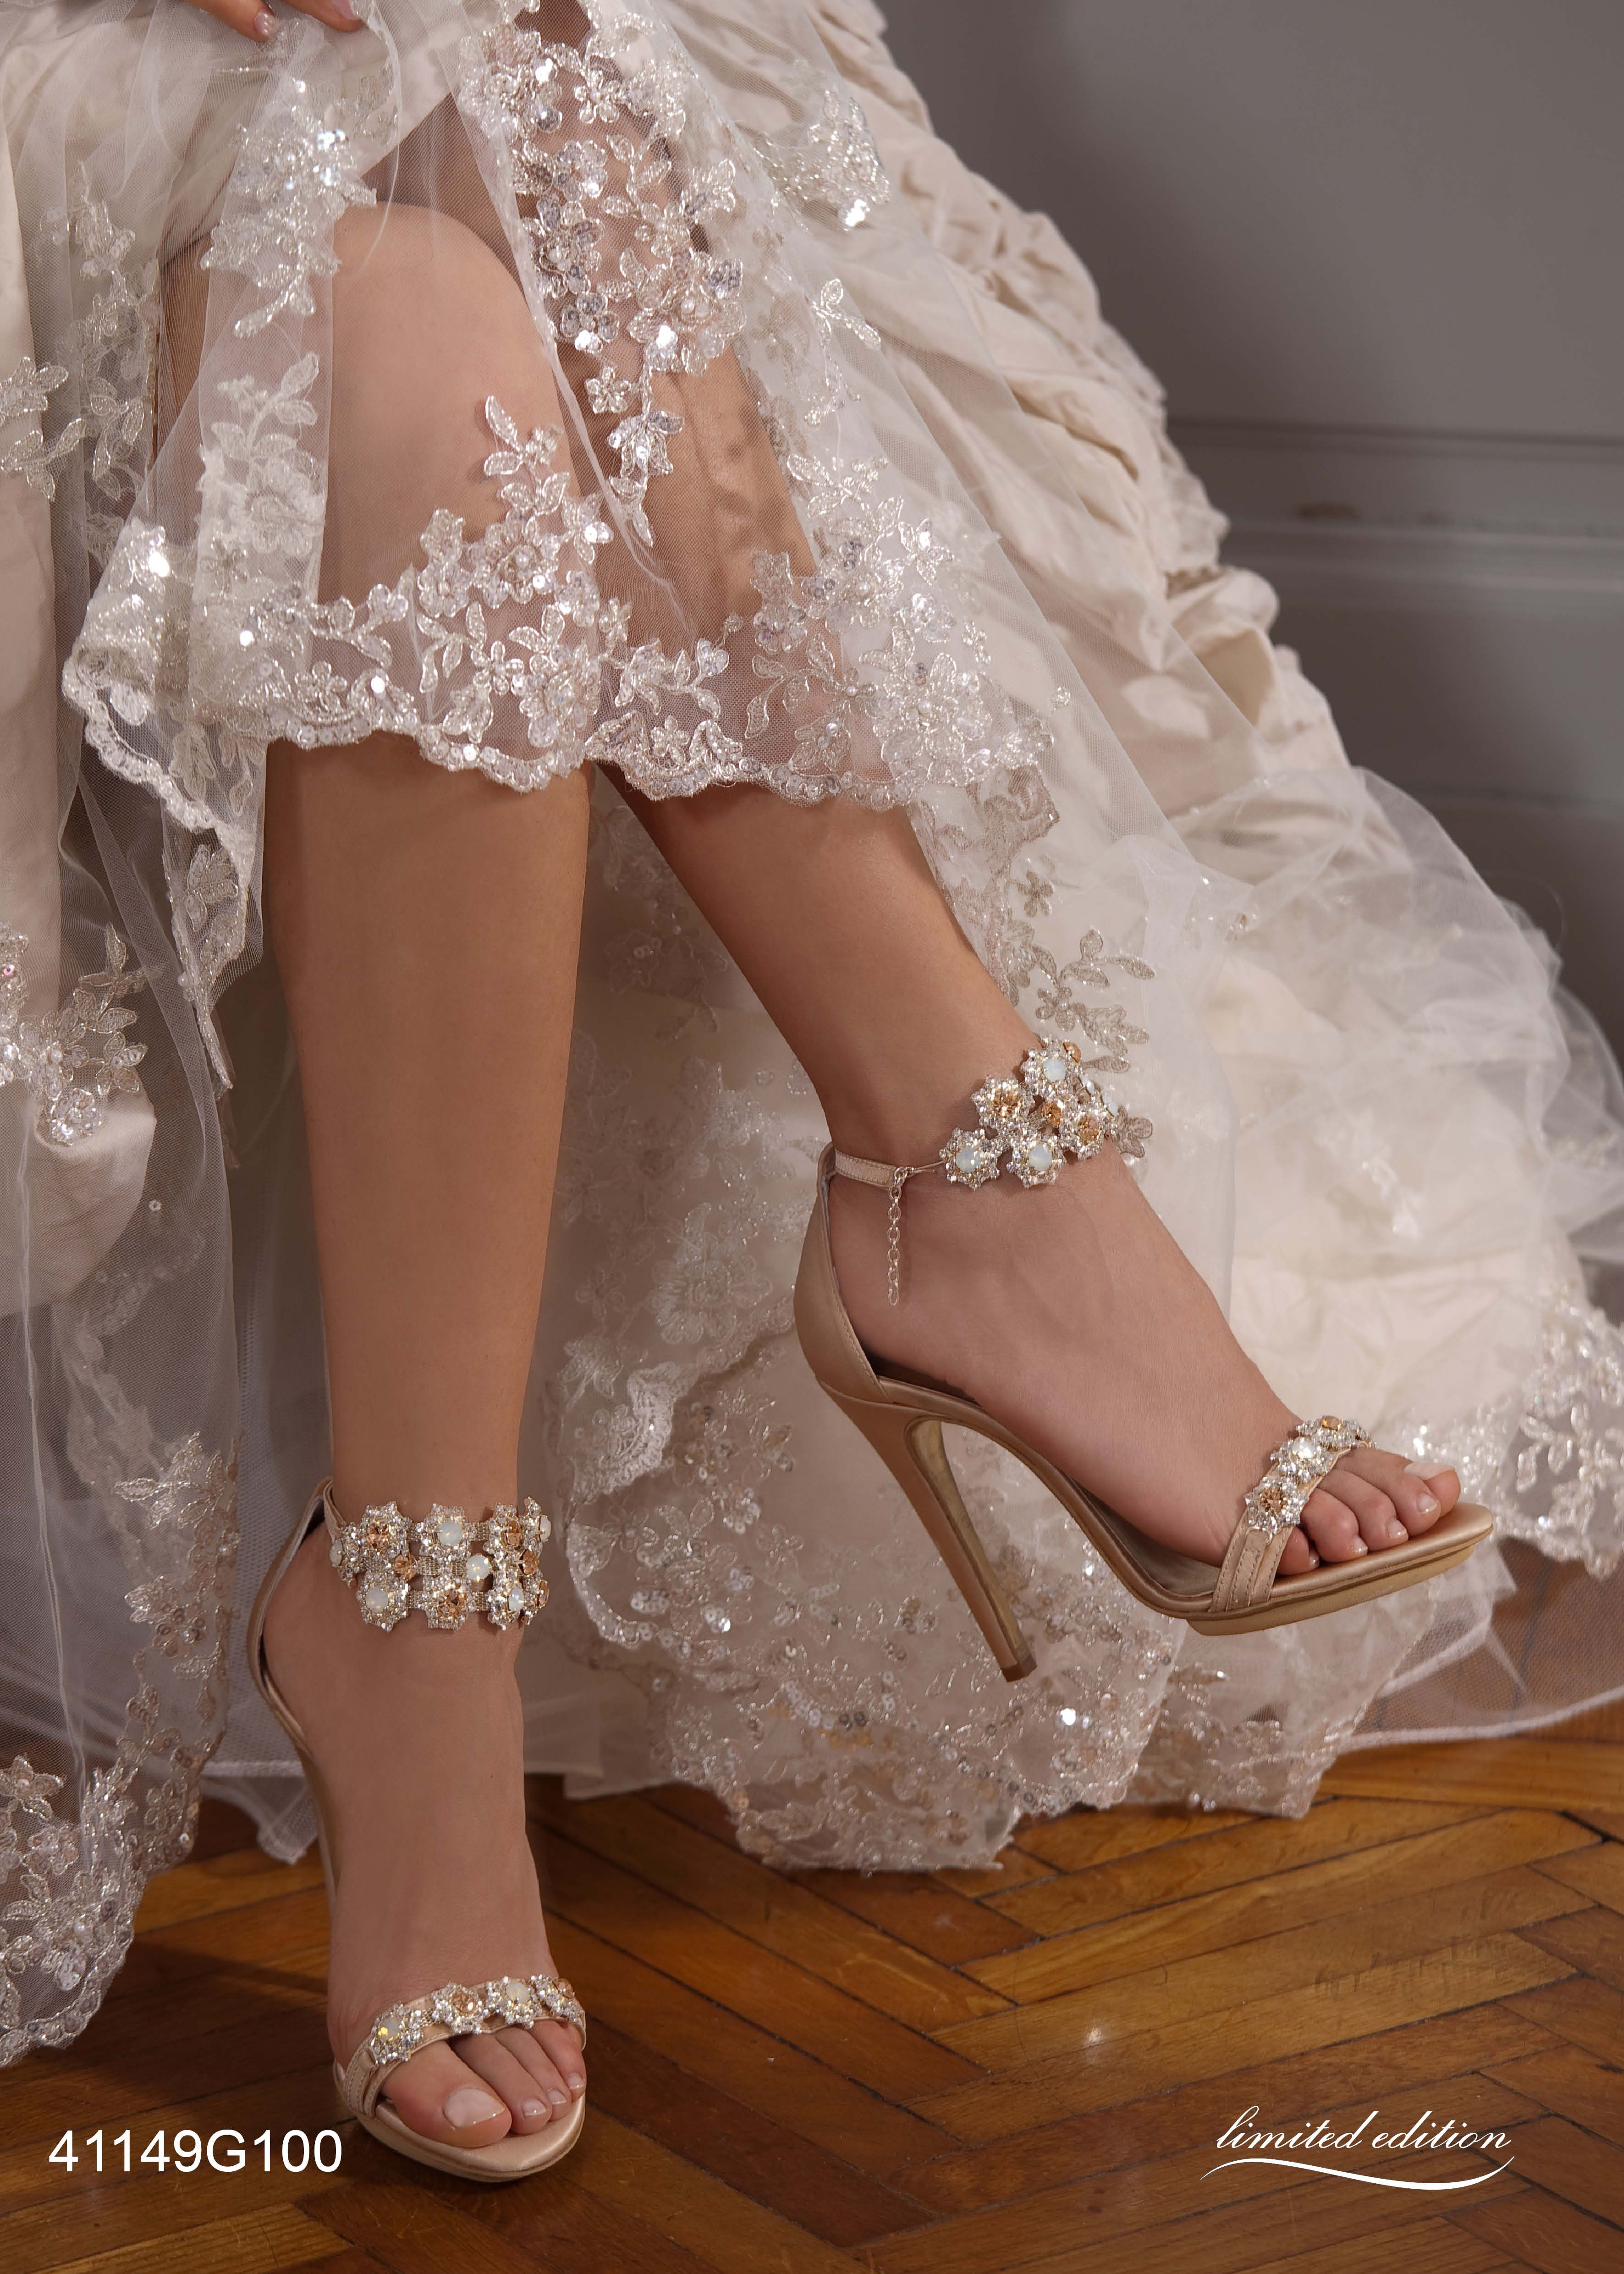 Penrose bridal & ceremony shoes. www.penrose.it Wedding